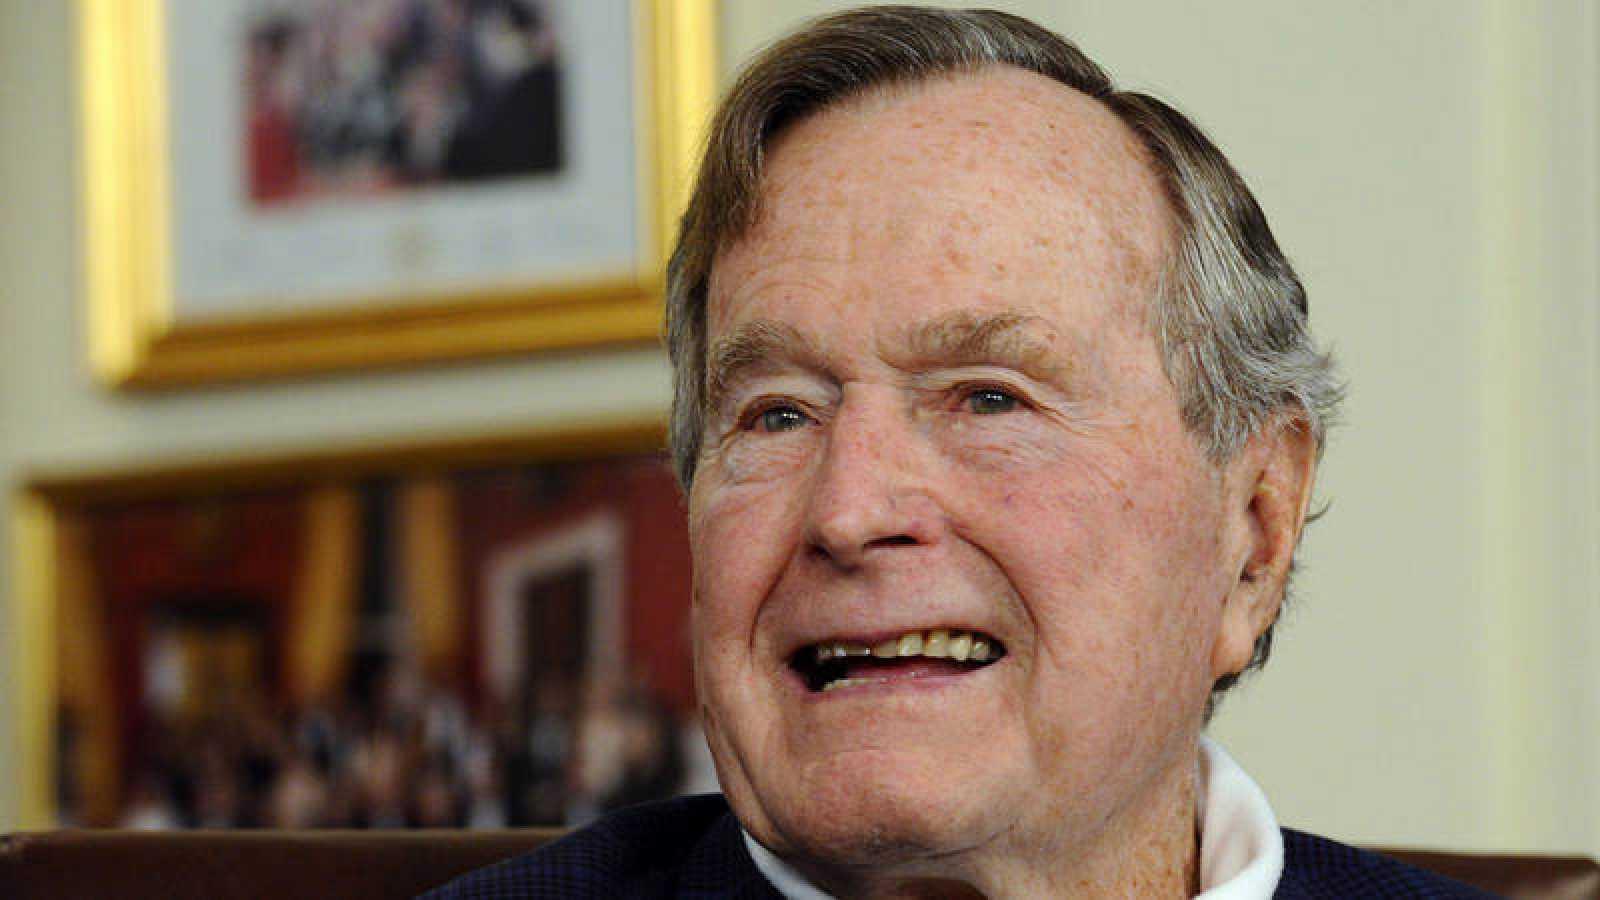 Foto de archivo tomada el 15 de julio de 2015 del expresidente estadounidense George H.W. Bush en su oficina en Houston